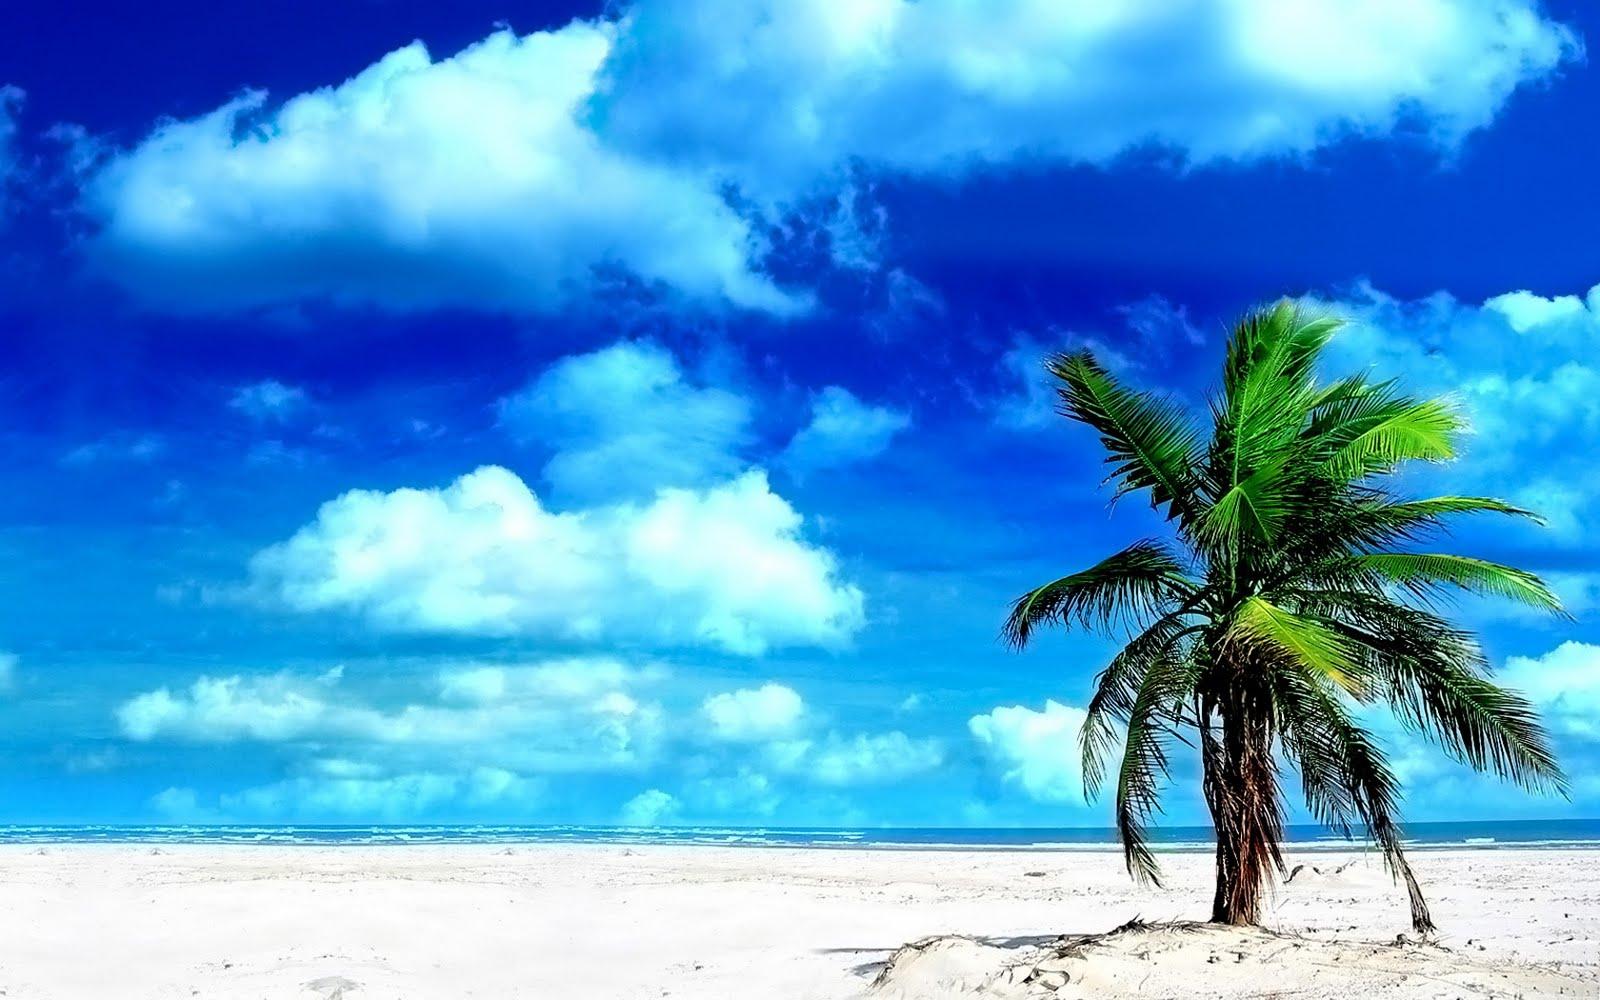 http://3.bp.blogspot.com/_pL5EC1FUMfM/S9h7zt3msWI/AAAAAAAAAAs/lHhr9bHoneQ/s1600/Palm_Tree_1680+x+1050+widescreen.jpg